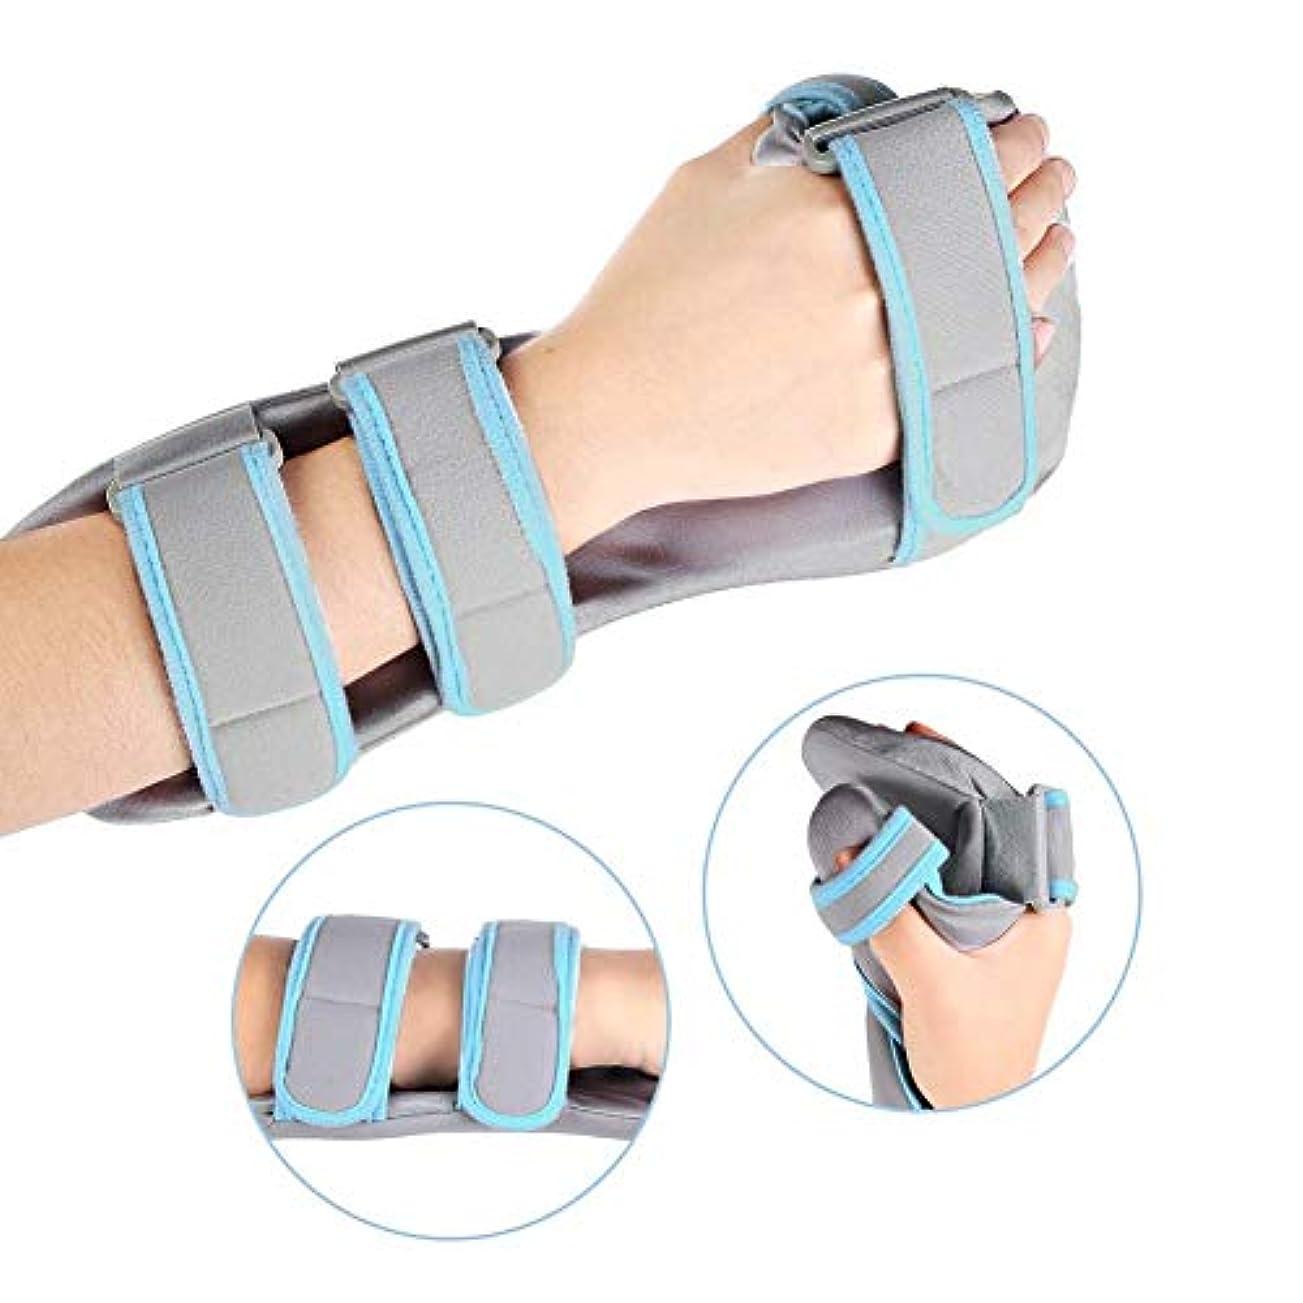 地中海震えしわ手首のサポート、手根管、骨折、捻rain、関節痛の軽減のための調節可能な通気性の手のサポート,Right,S